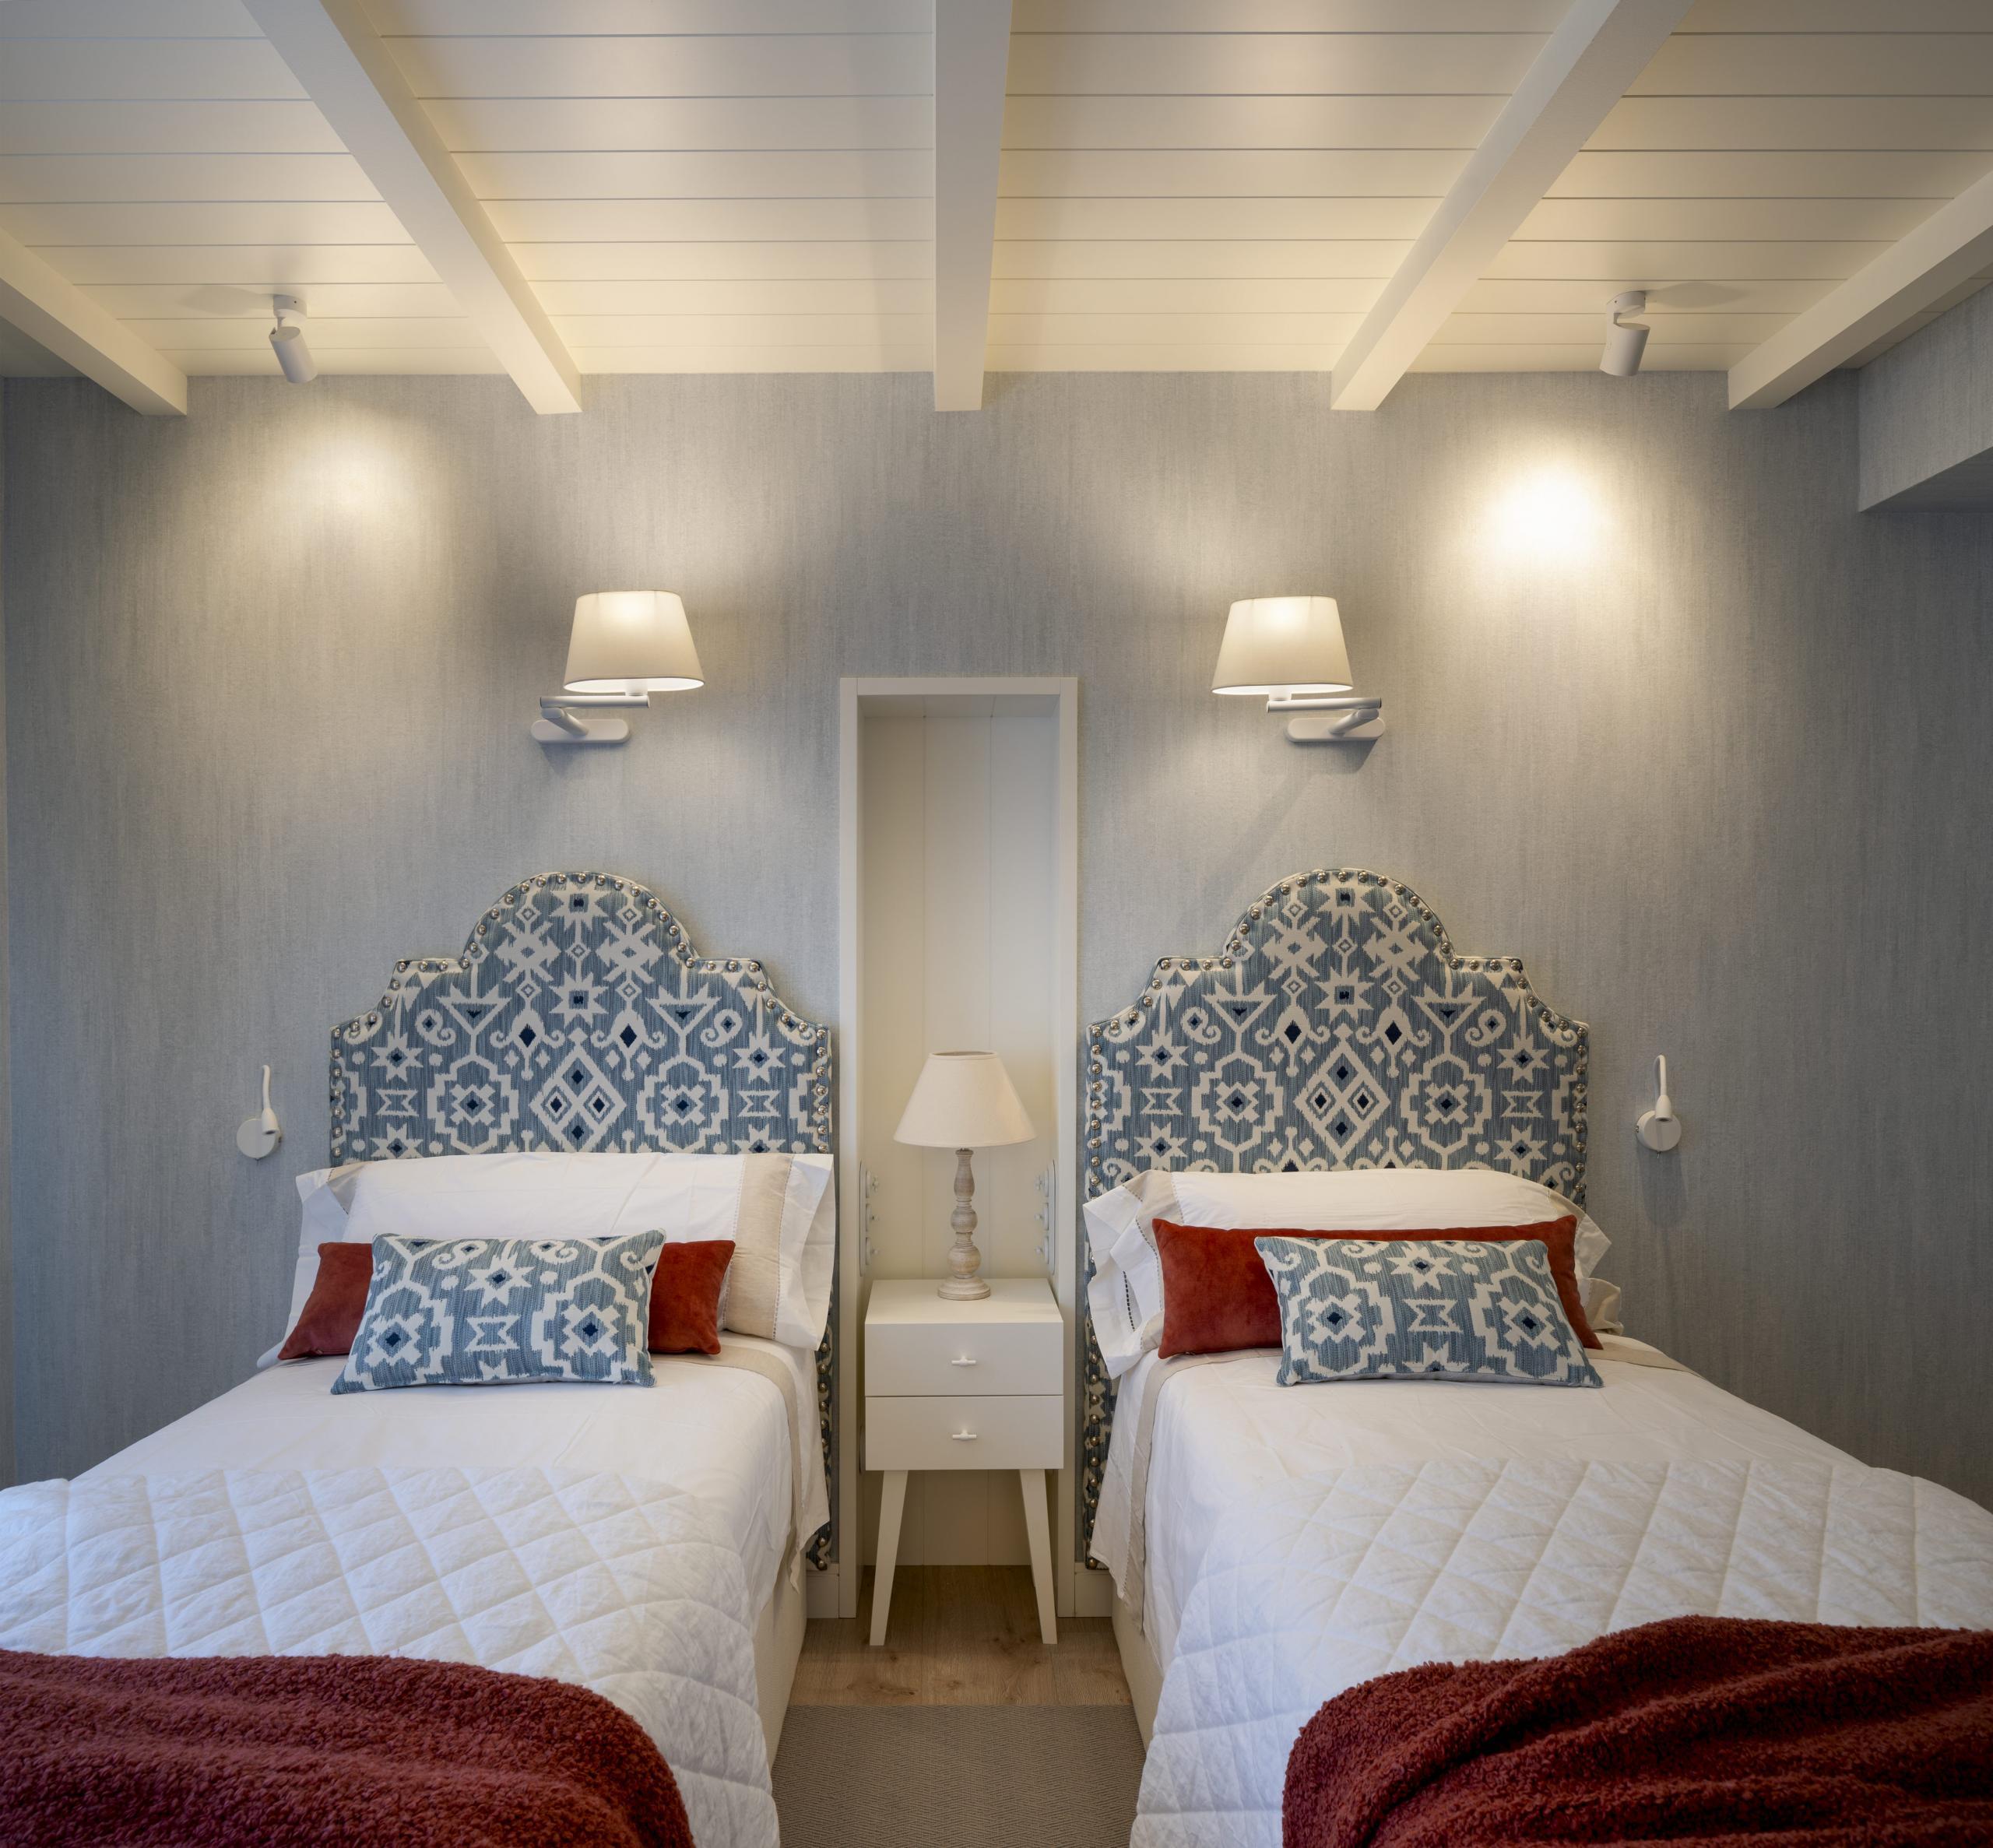 Diseño de dormitorio con dos camas